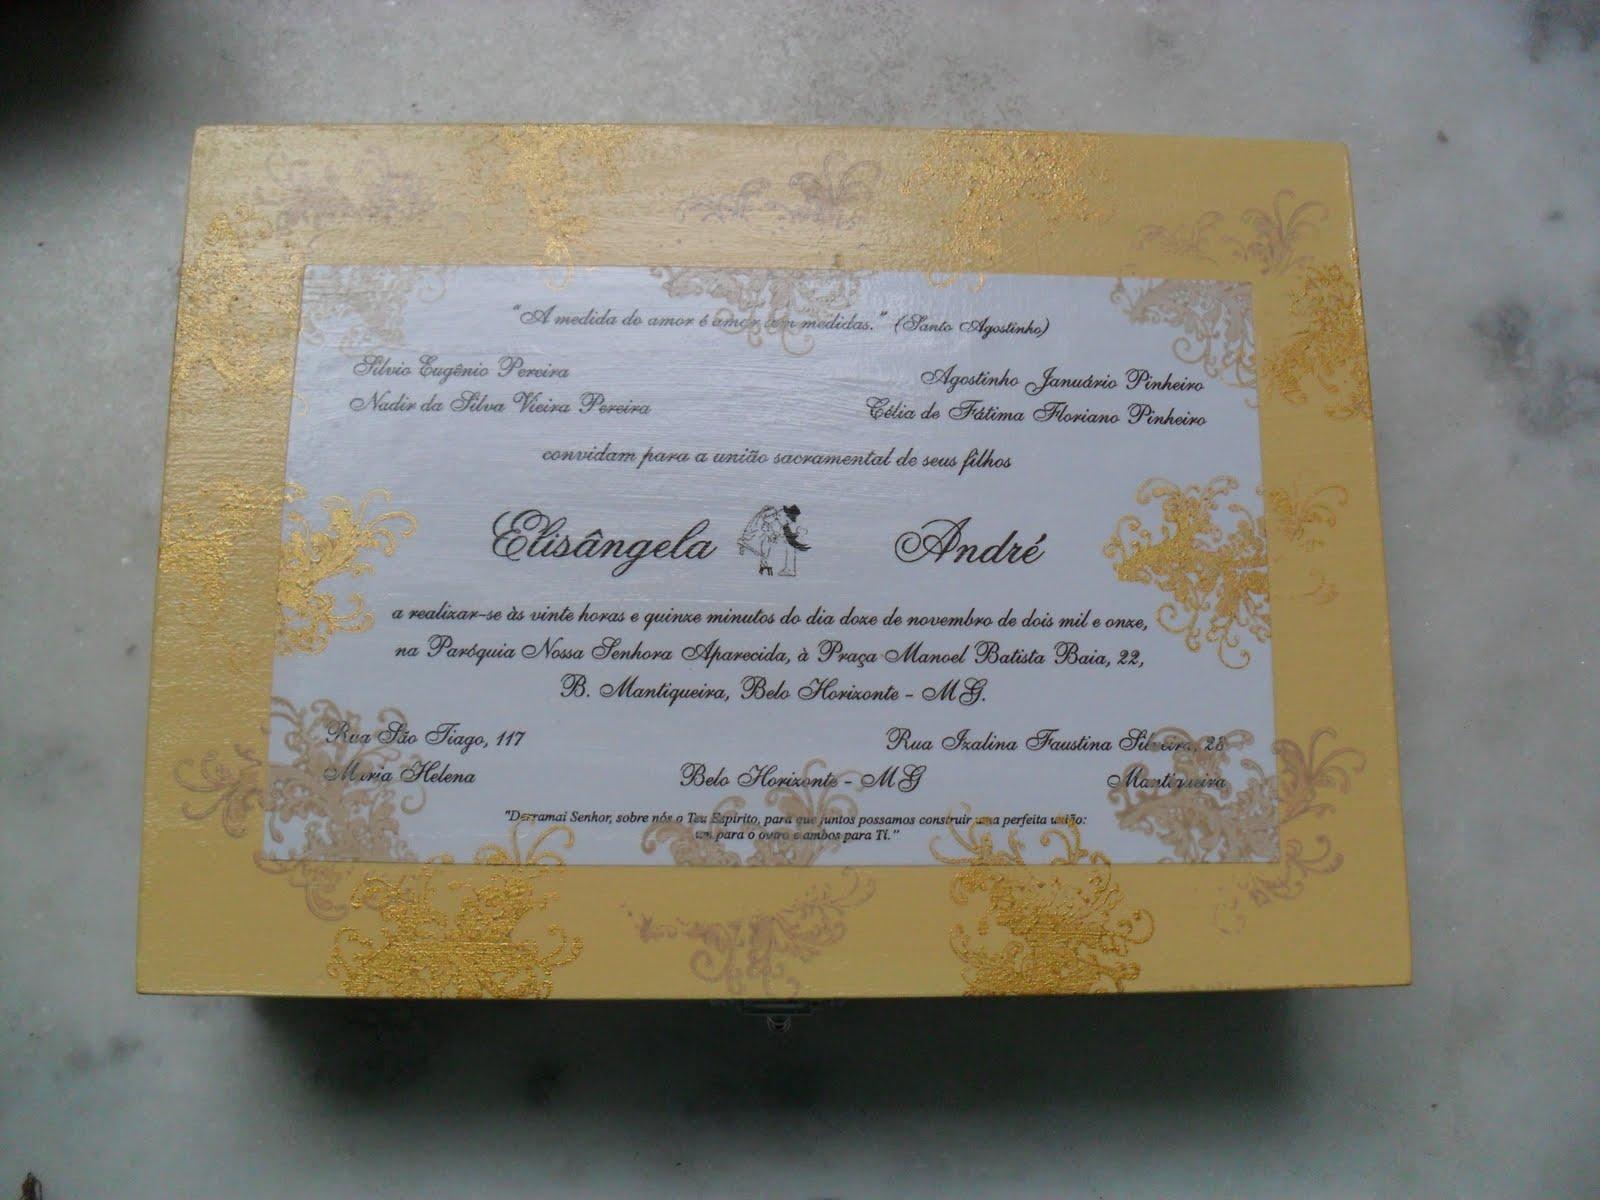 Rosa Biscuit: Caixas de madeira decoradas  Convite de Casamento #887343 1600x1200